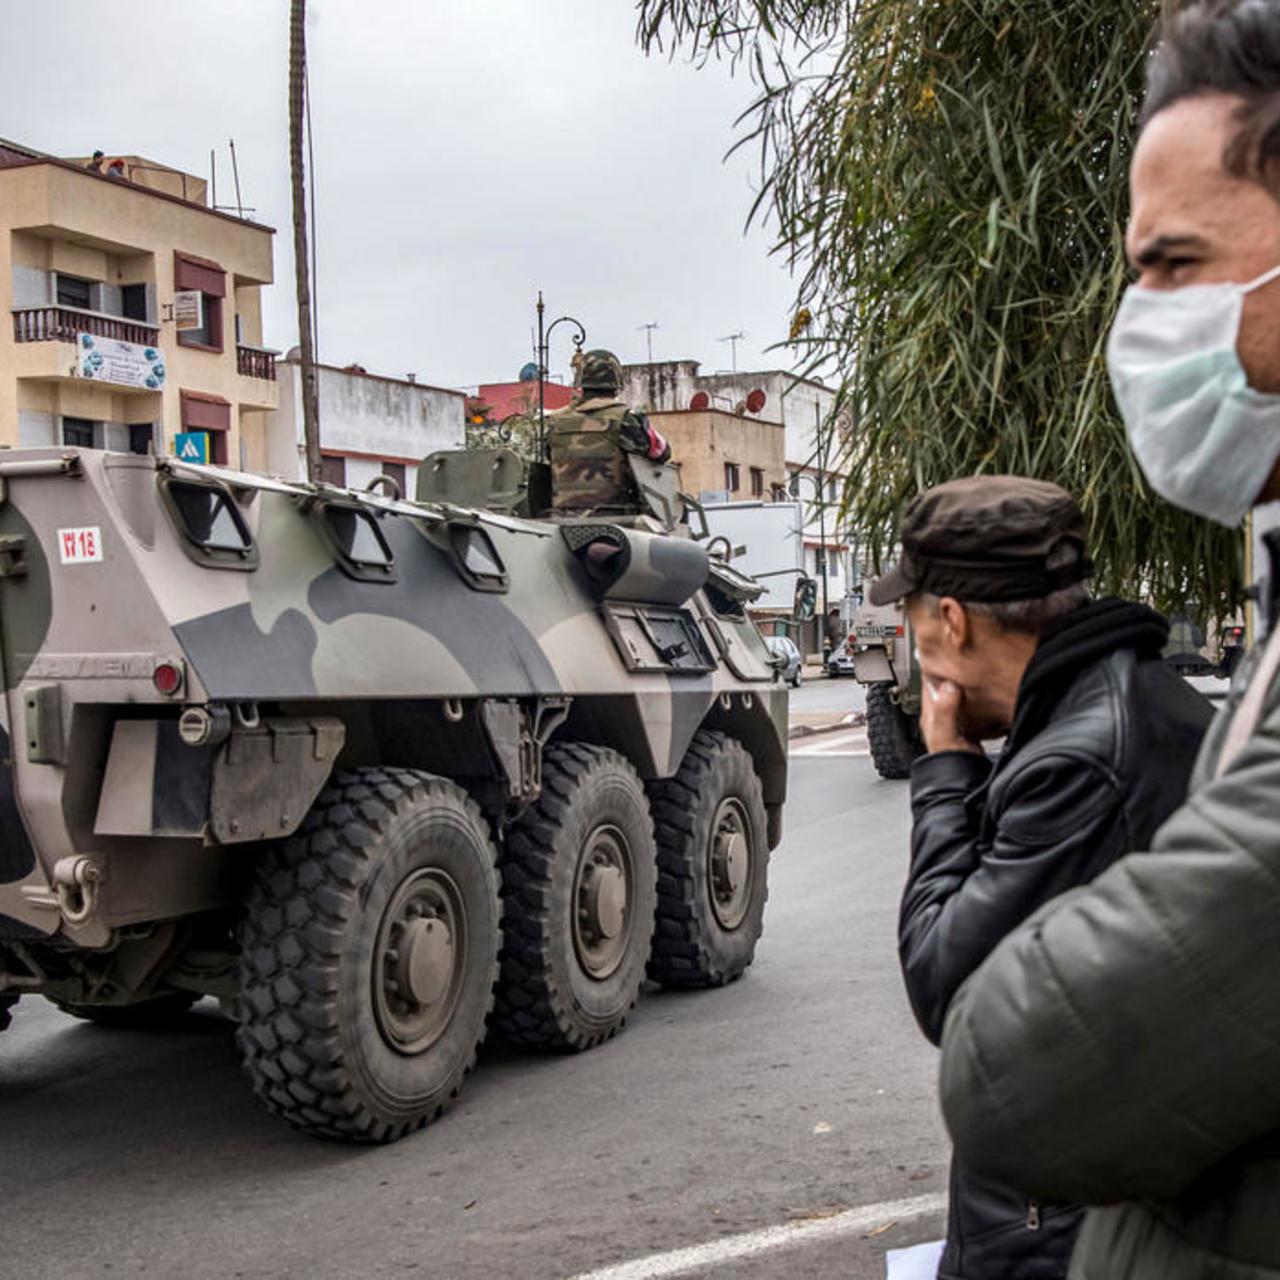 """ارتفاع عدد العاطلين في المغرب بنصف مليون شخص بسبب """"أزمة كورونا"""""""